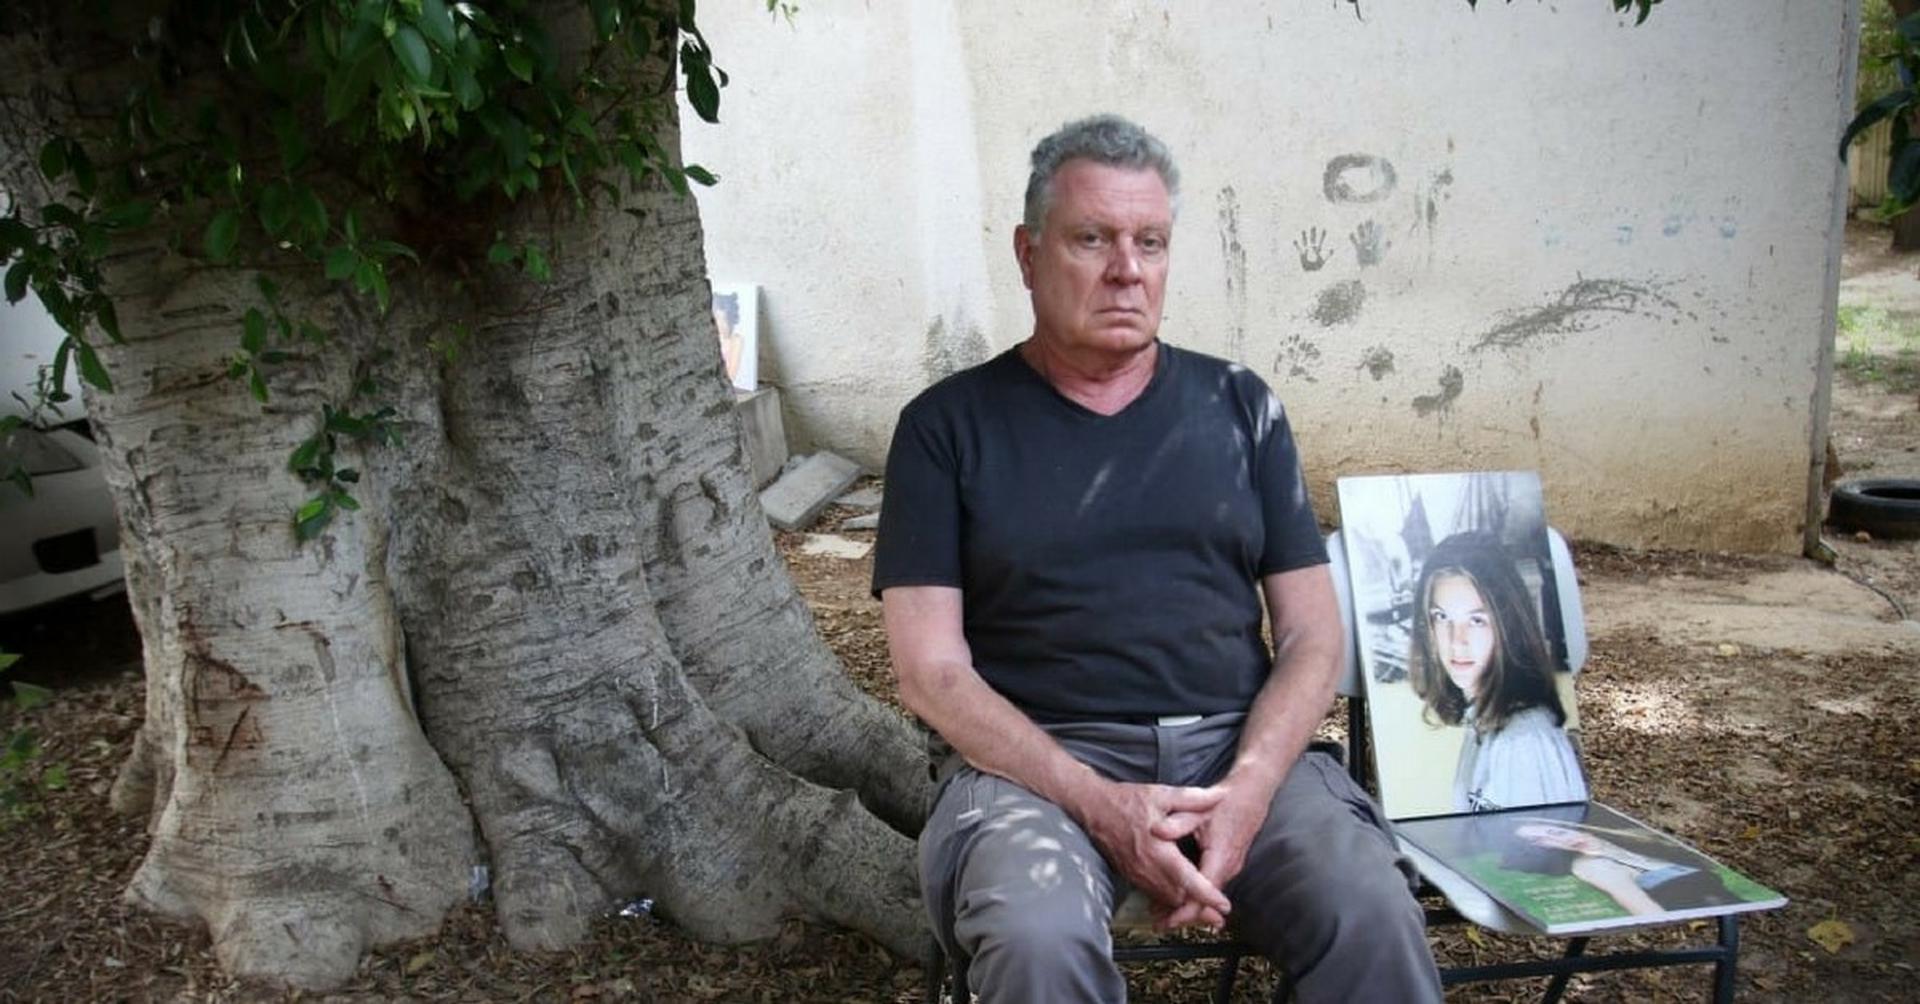 האב עם תמונת בתו. רוצה לחדש את פסטיבל הסרטים לזכרה   צילום אבי מועלם